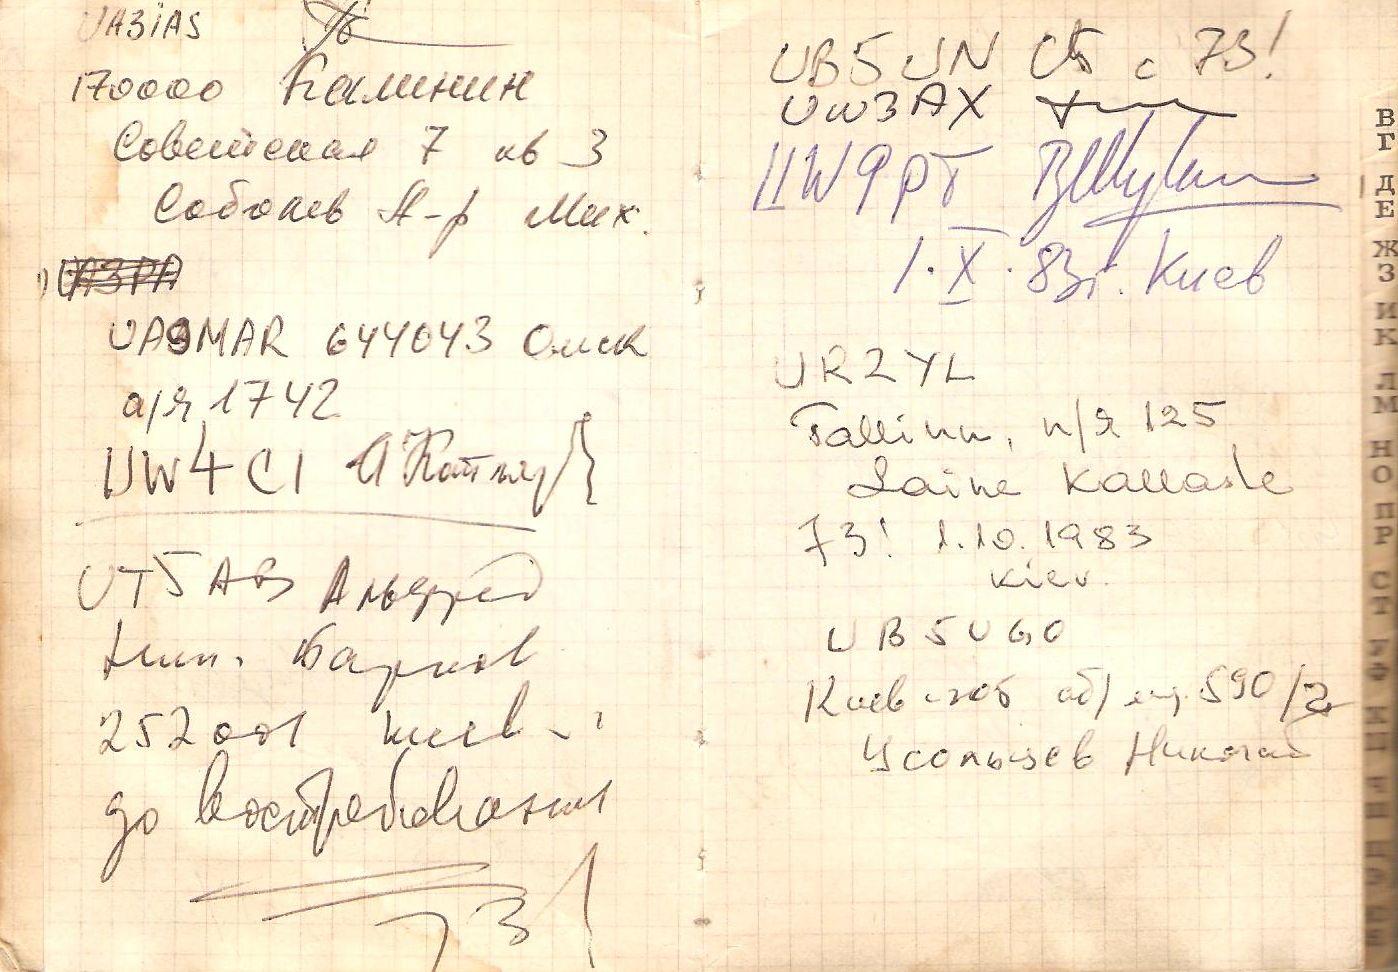 Нажмите на изображение для увеличения.  Название:Kiev-1983-RK9UN-29.jpg Просмотров:96 Размер:197.6 Кб ID:120415